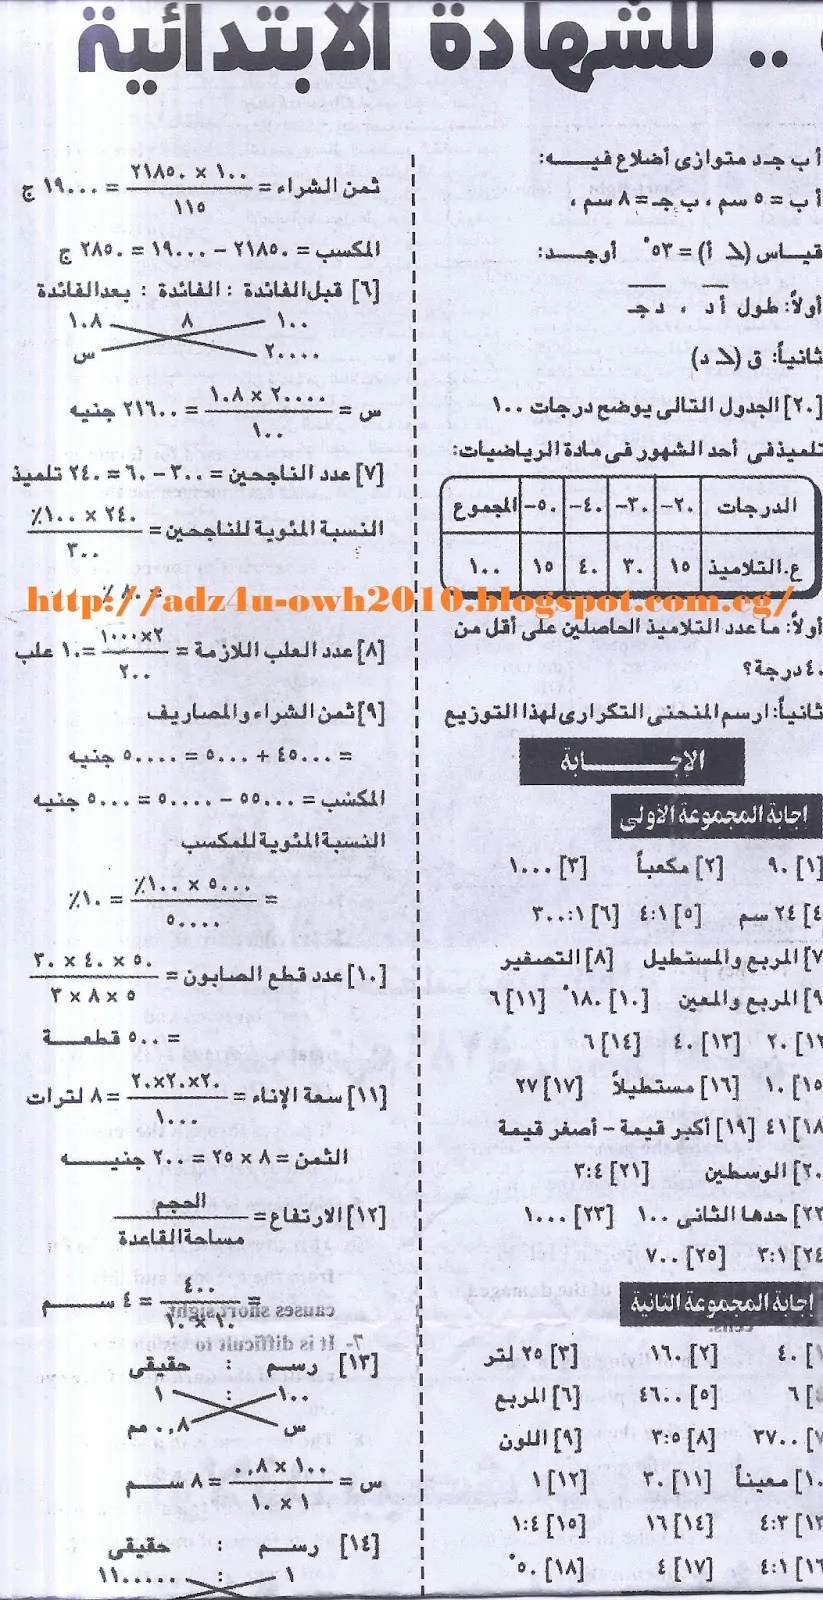 ملحق الجمهورية التعليمي: مراجعة ليلة الامتحان للصف السادس الإبتدائي 2017 الرياضيات